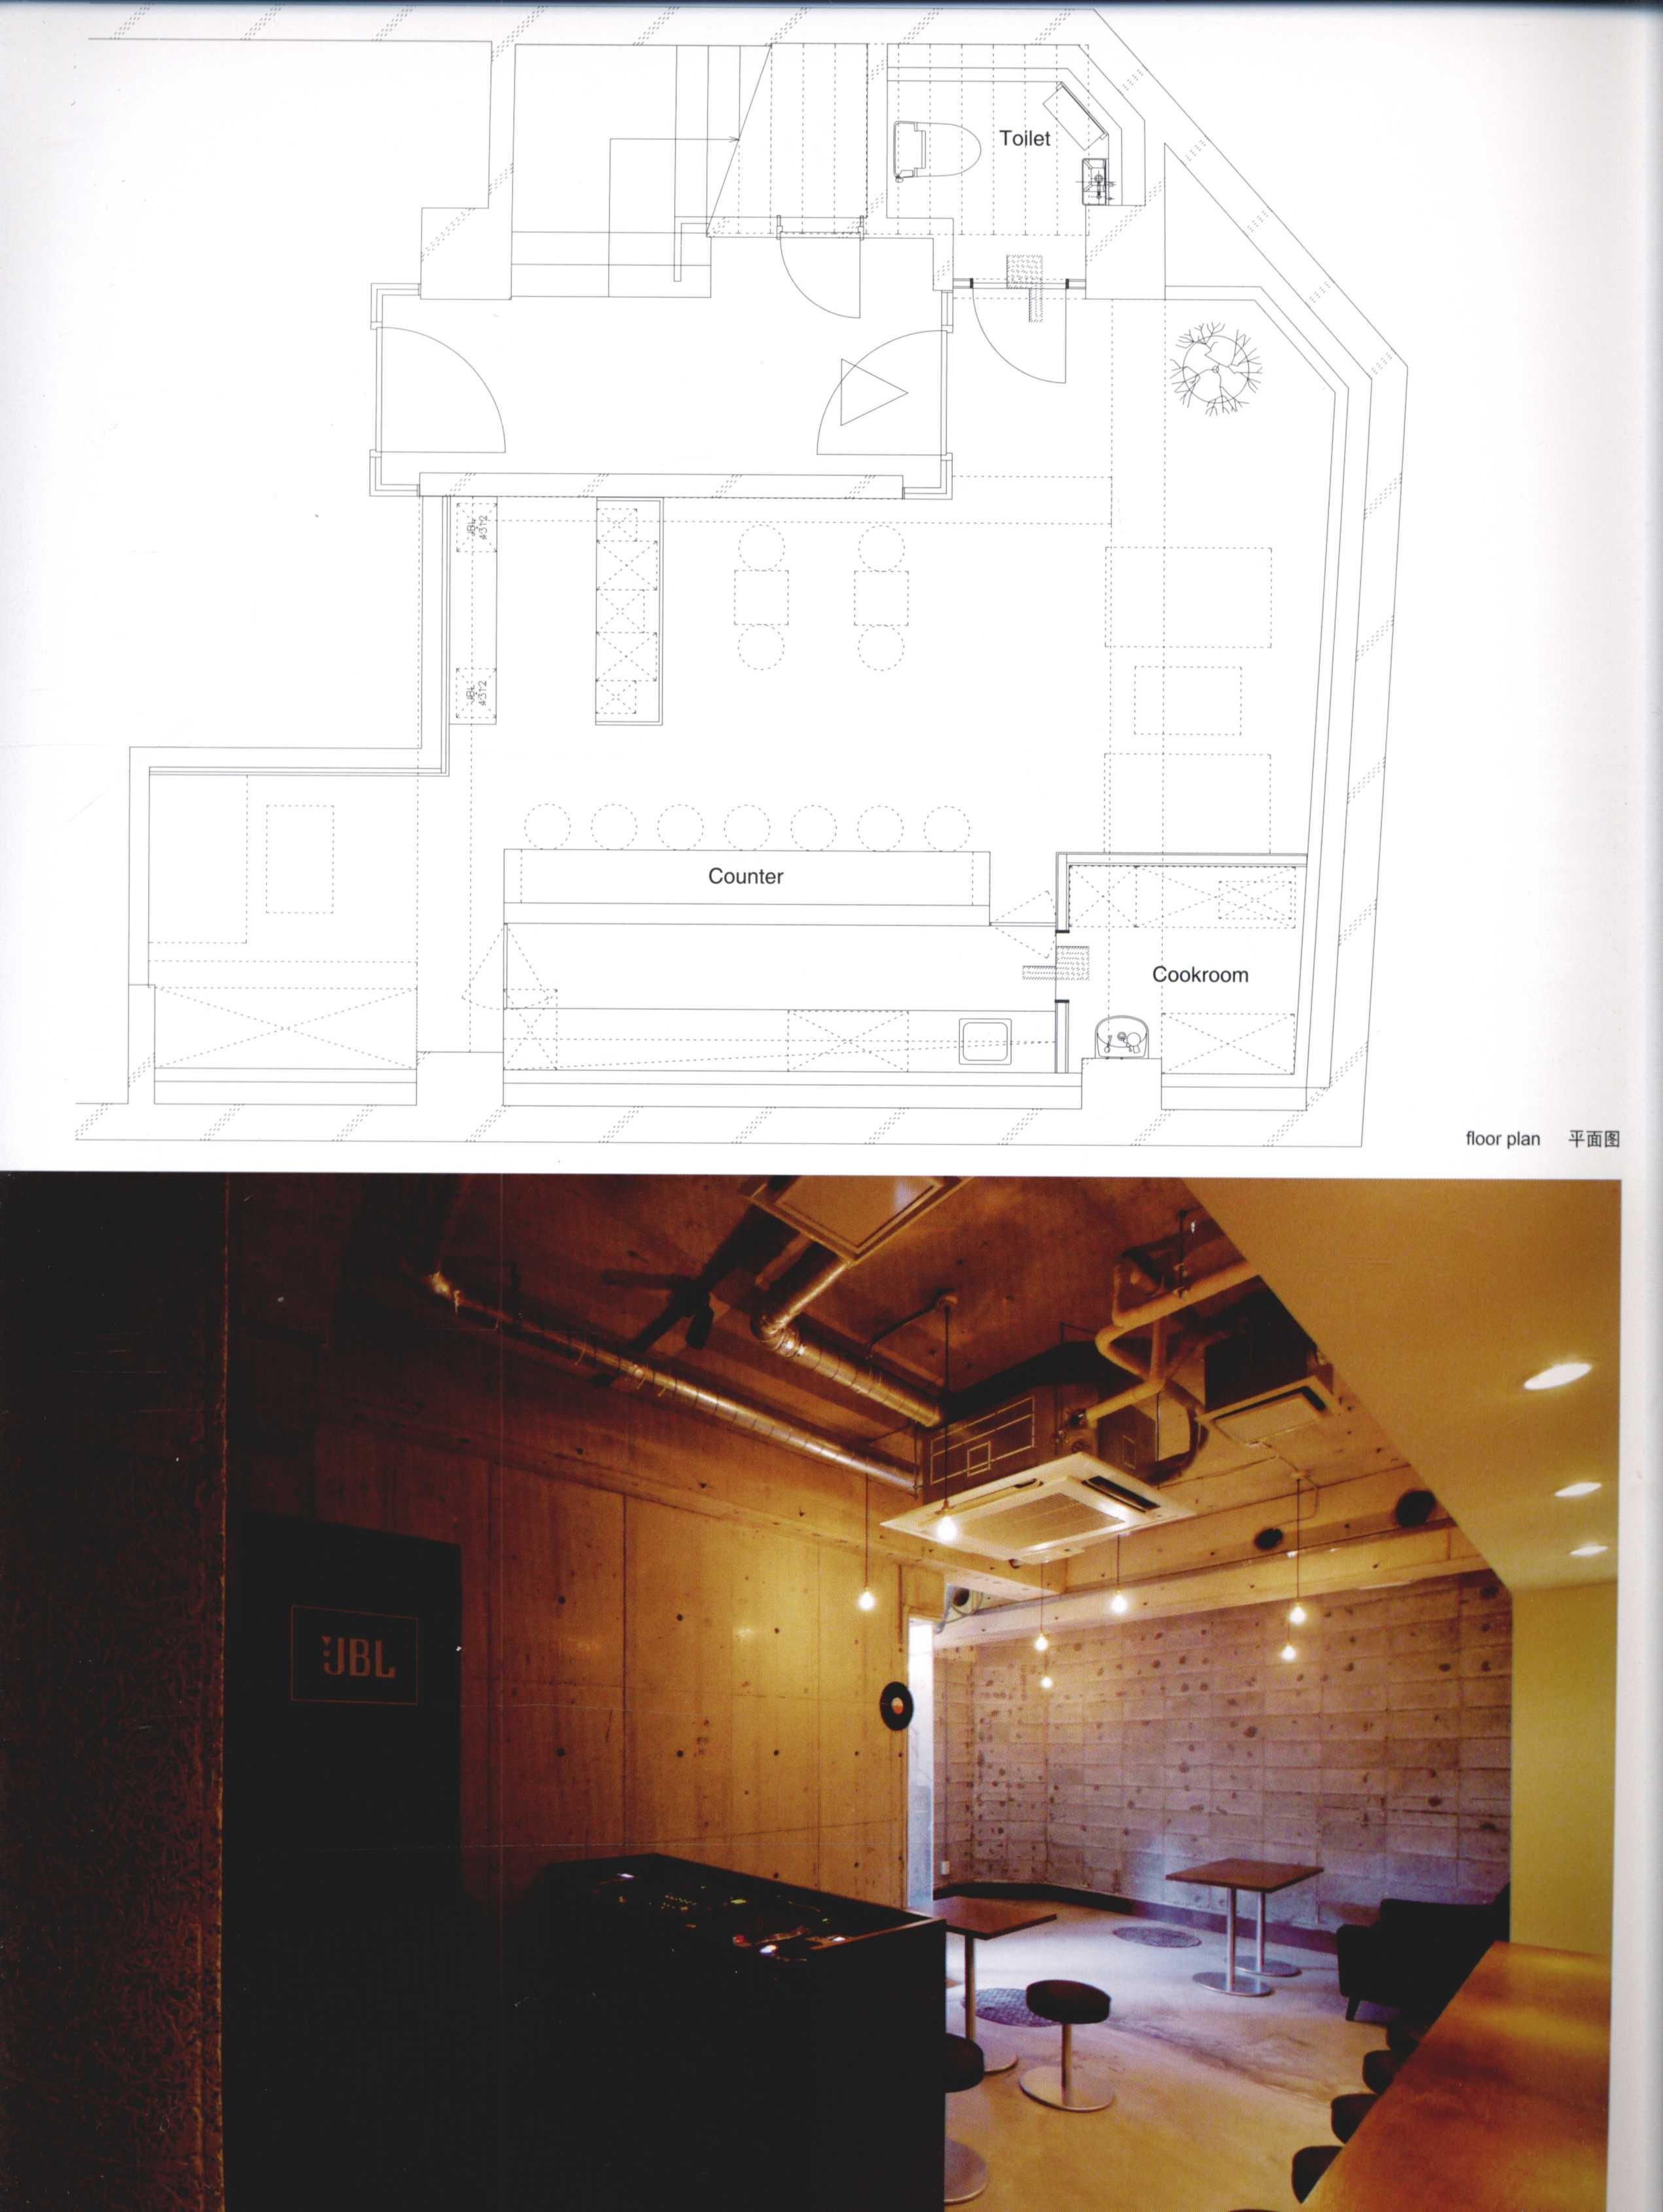 2012全球室内设计年鉴  餐饮_Page_171.jpg